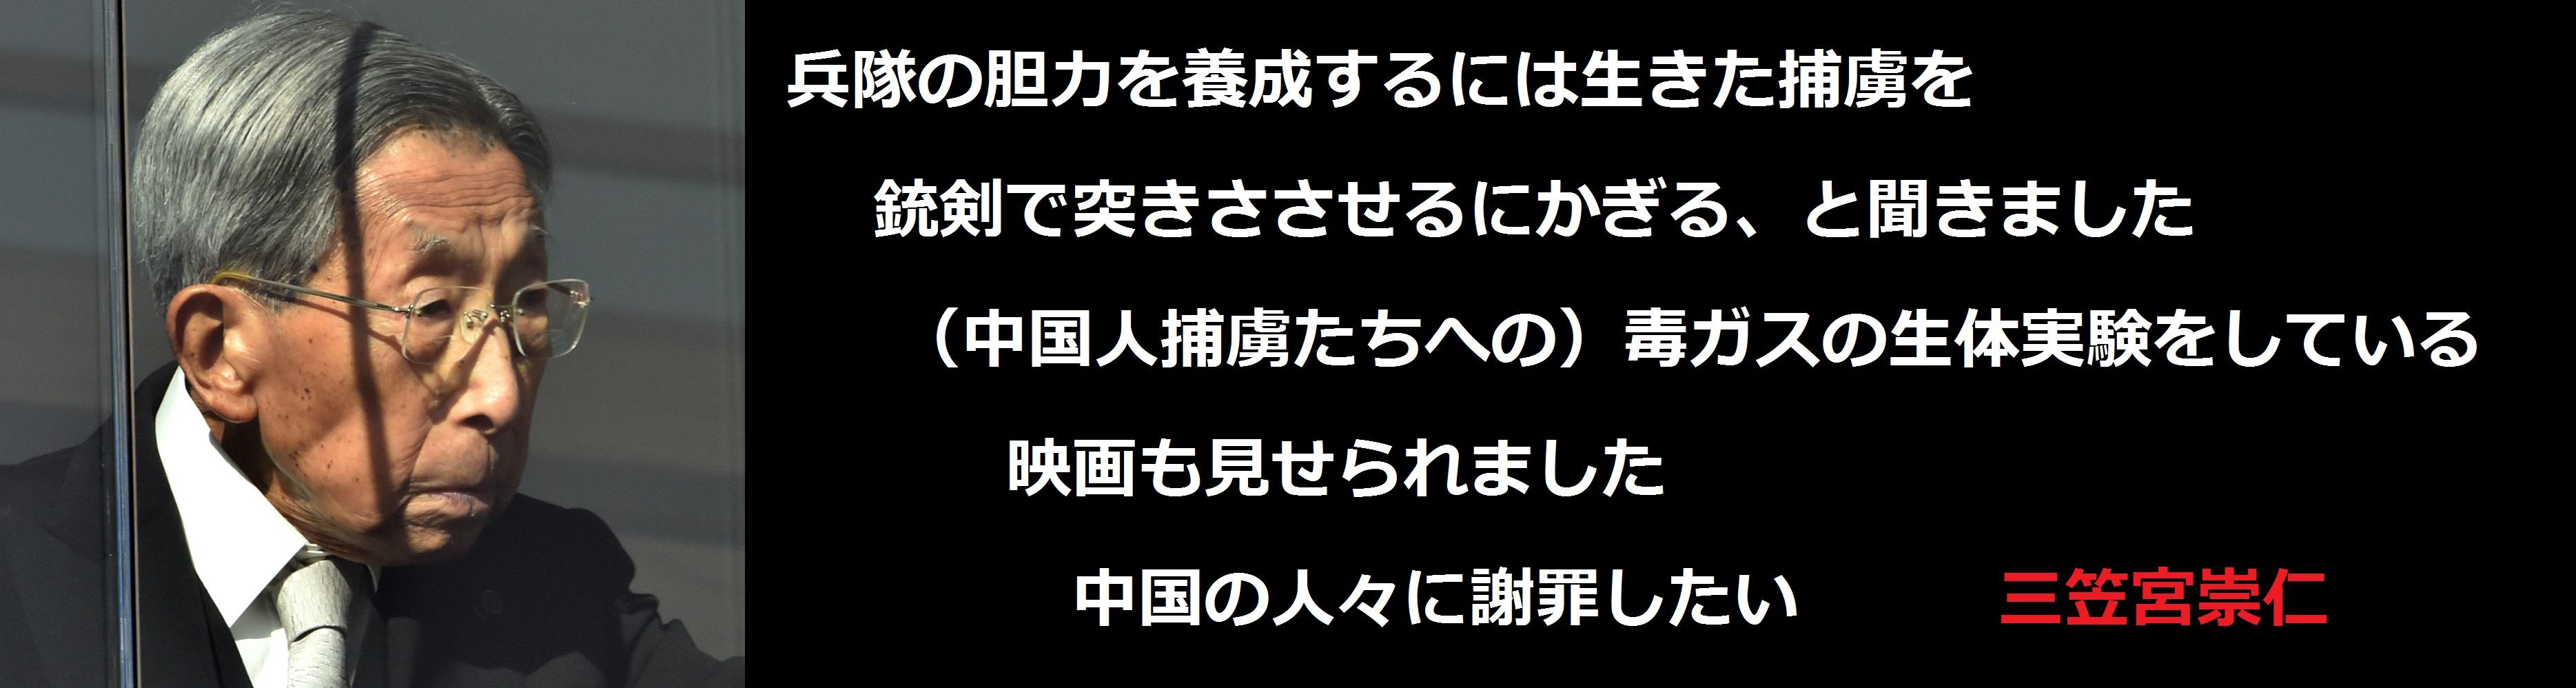 f:id:JAPbuster:20170515070803j:plain